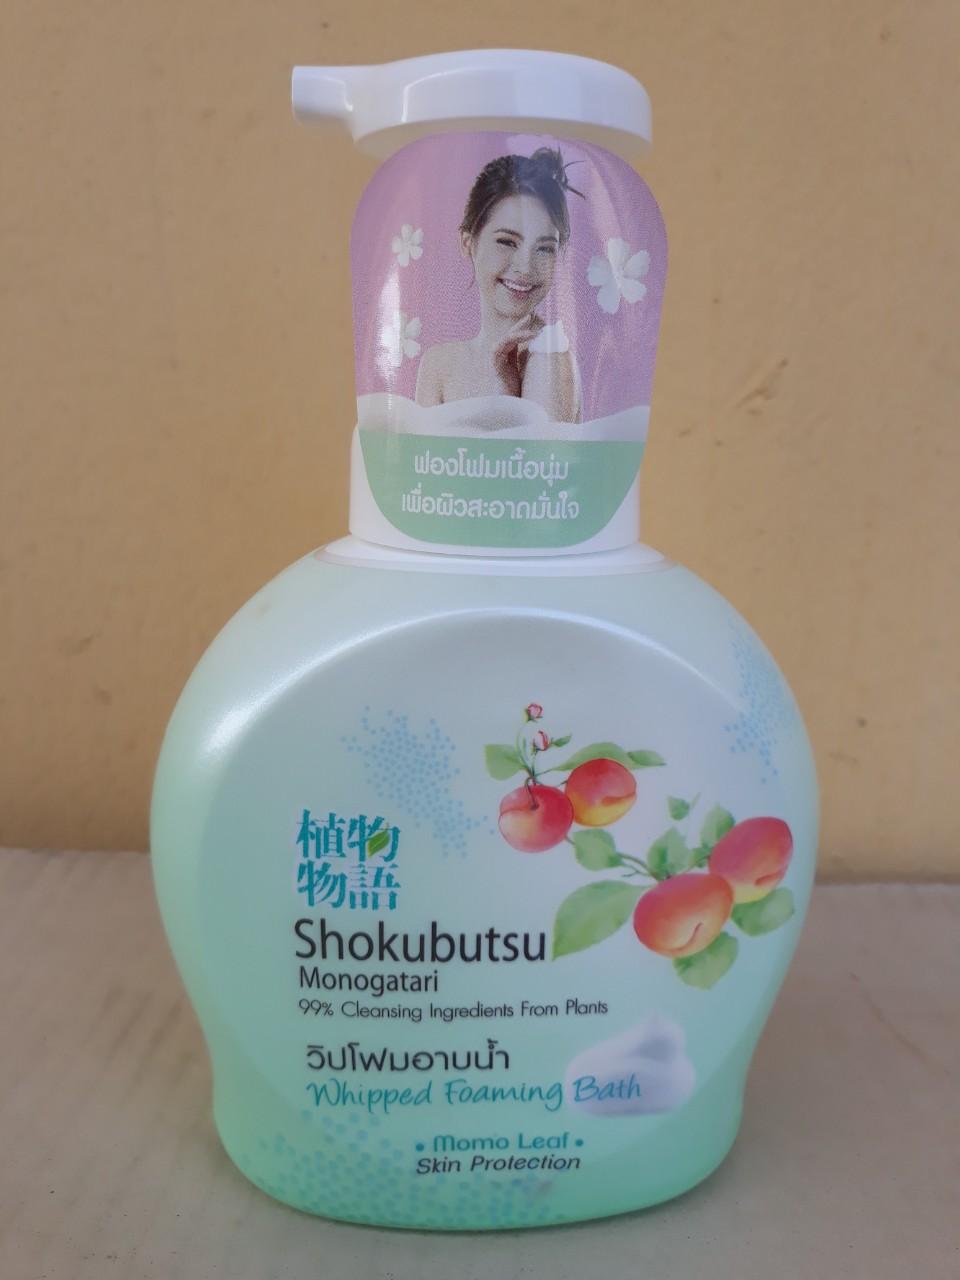 Sữa tắm tạo bọt Shokubutsu Monogatari 450ml (Momo leaf - xanh)